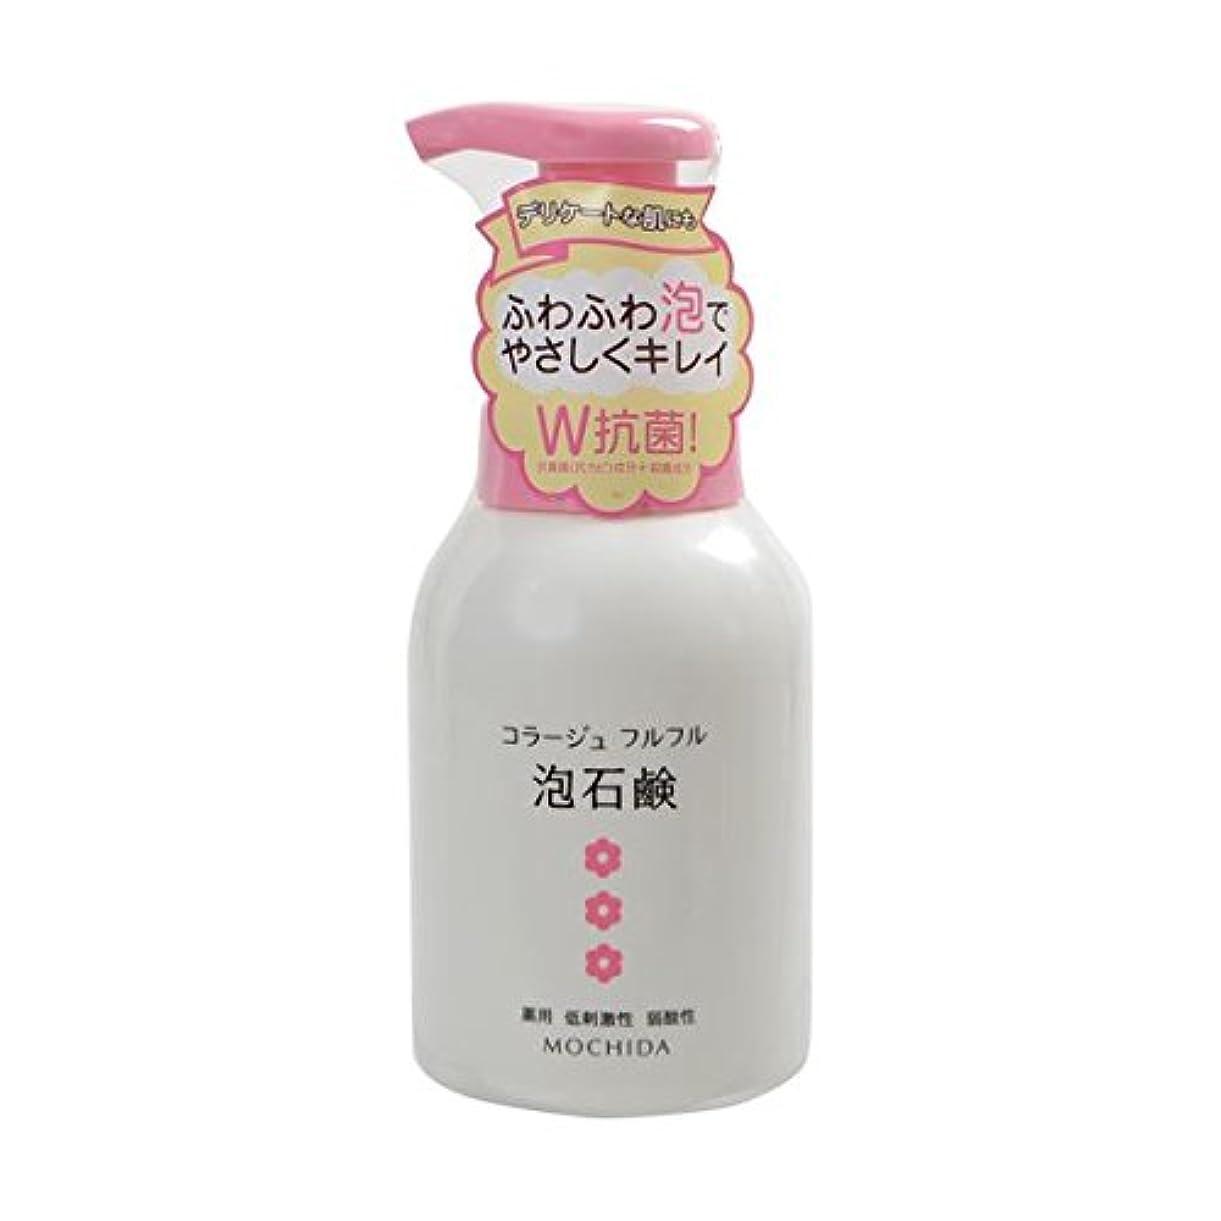 自動車基礎ノミネート【まとめ買い】コラージュフルフル 泡石鹸 ピンク 300mL×3個セット(医薬部外品)